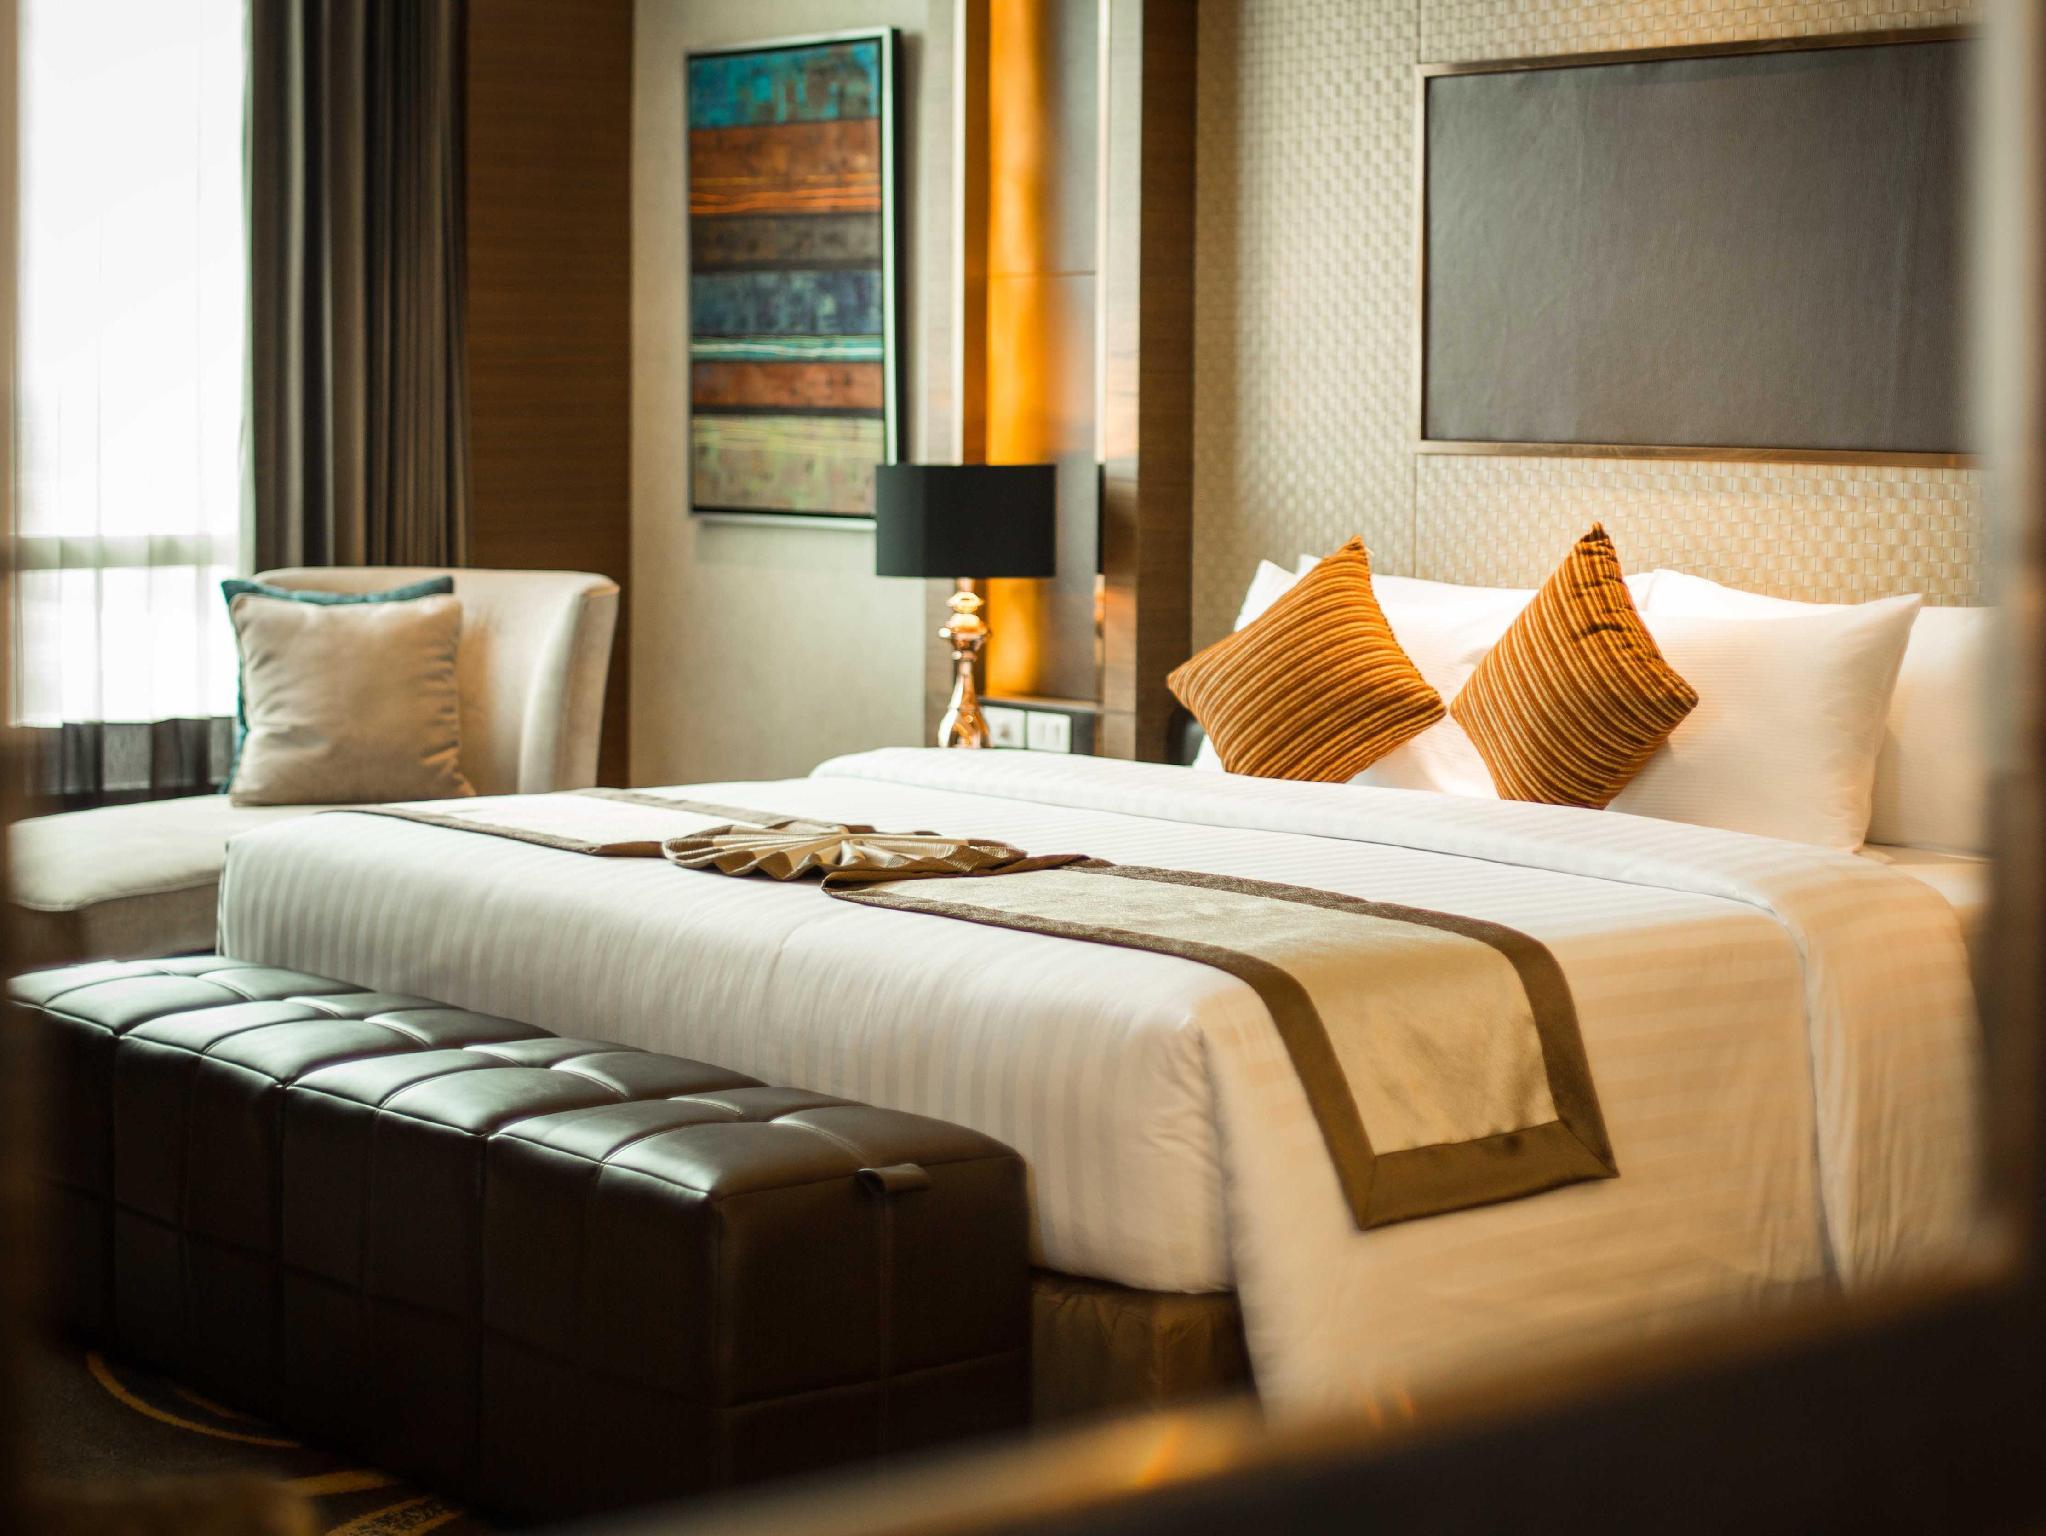 ザ グランド フォーウイングス コンベンション ホテル6